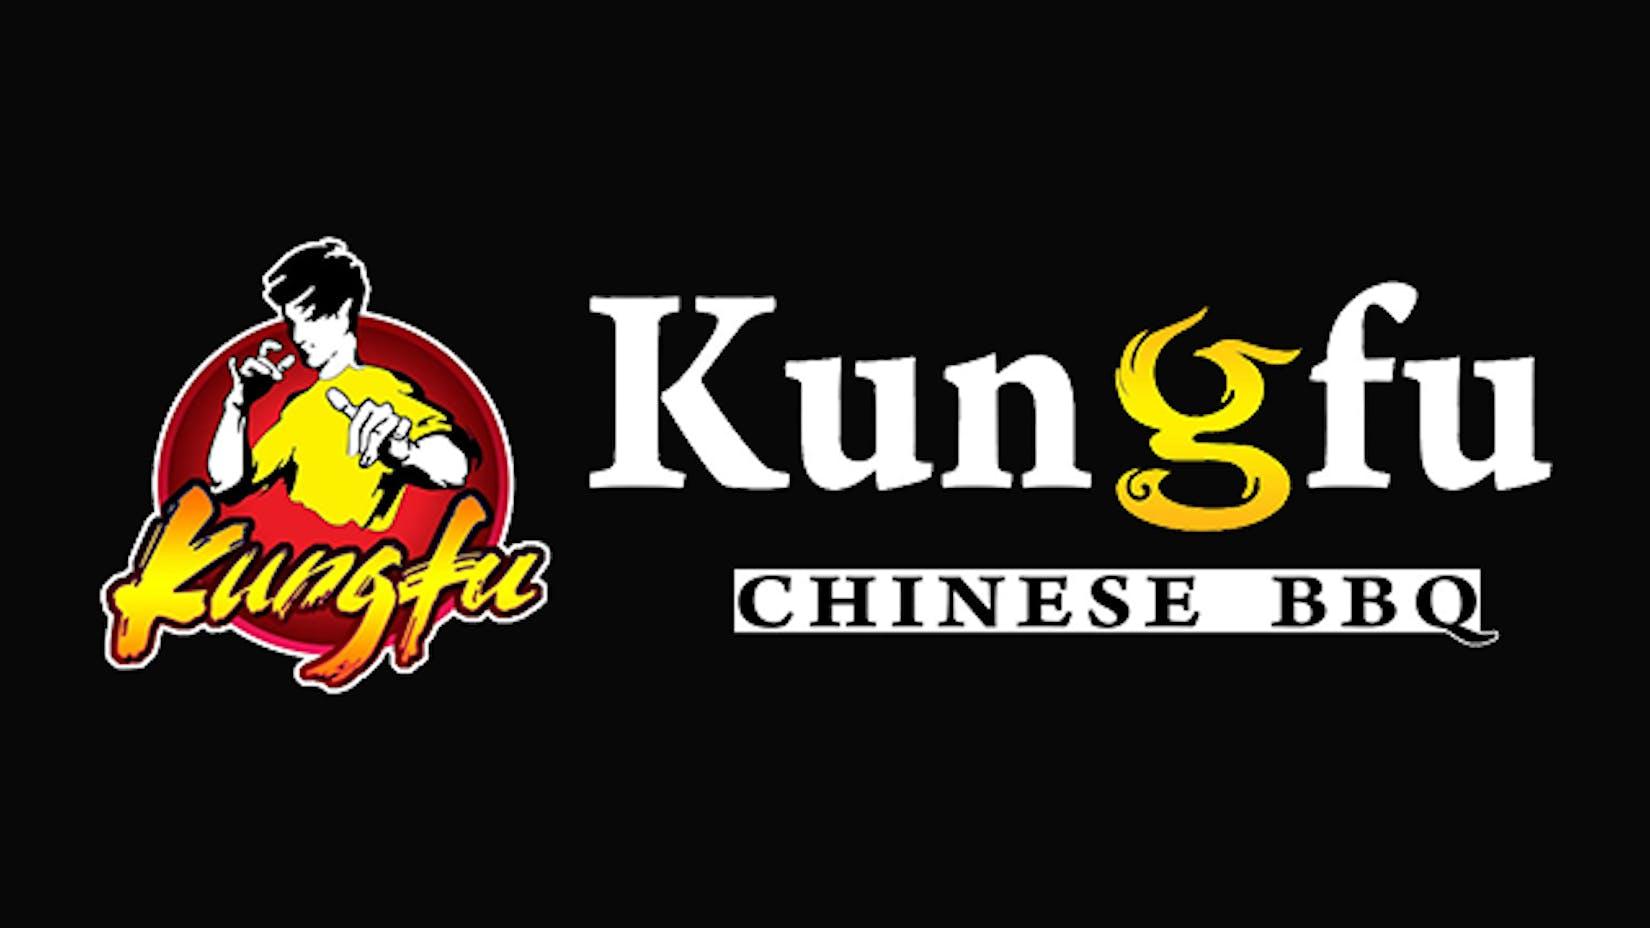 Kung Fu - Chinese BBQ & Bar | yathar